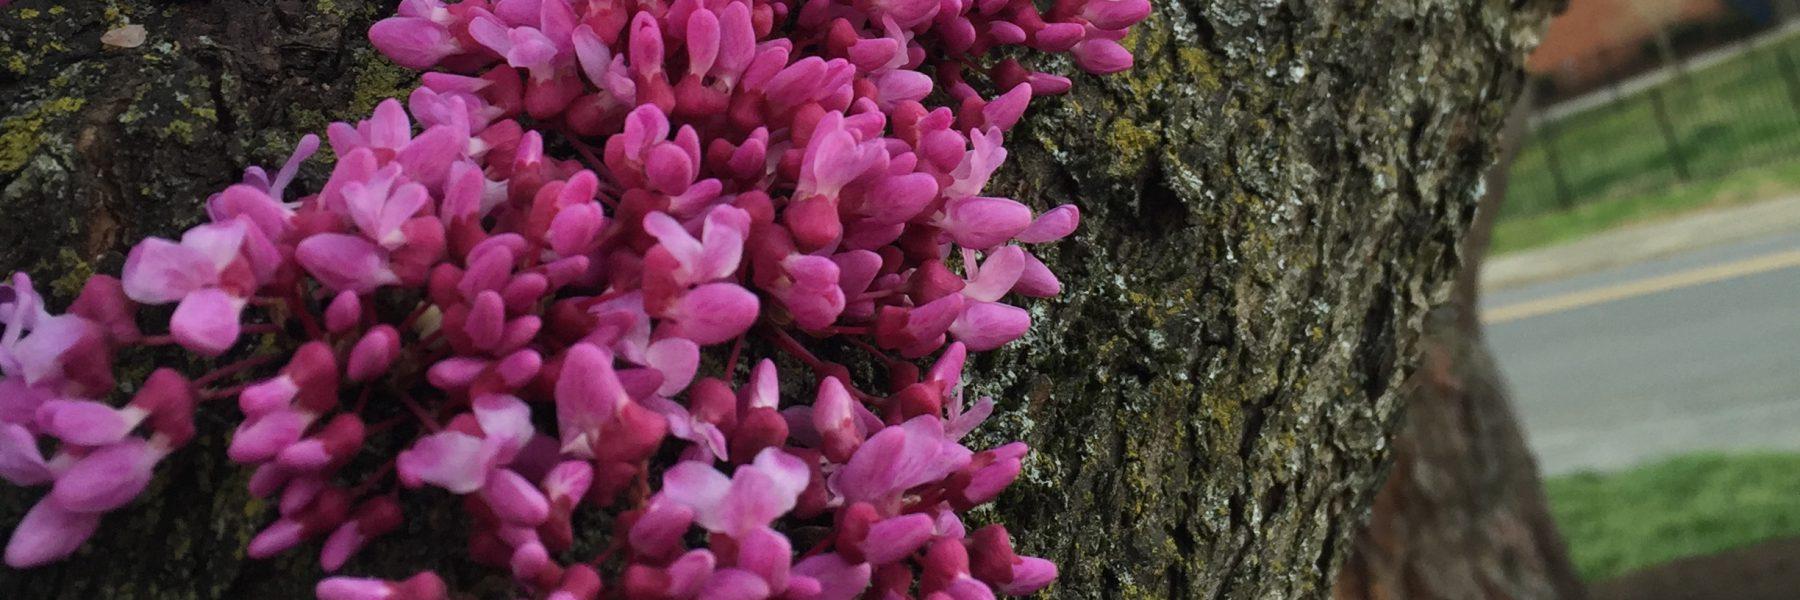 Flowers on a tree bark